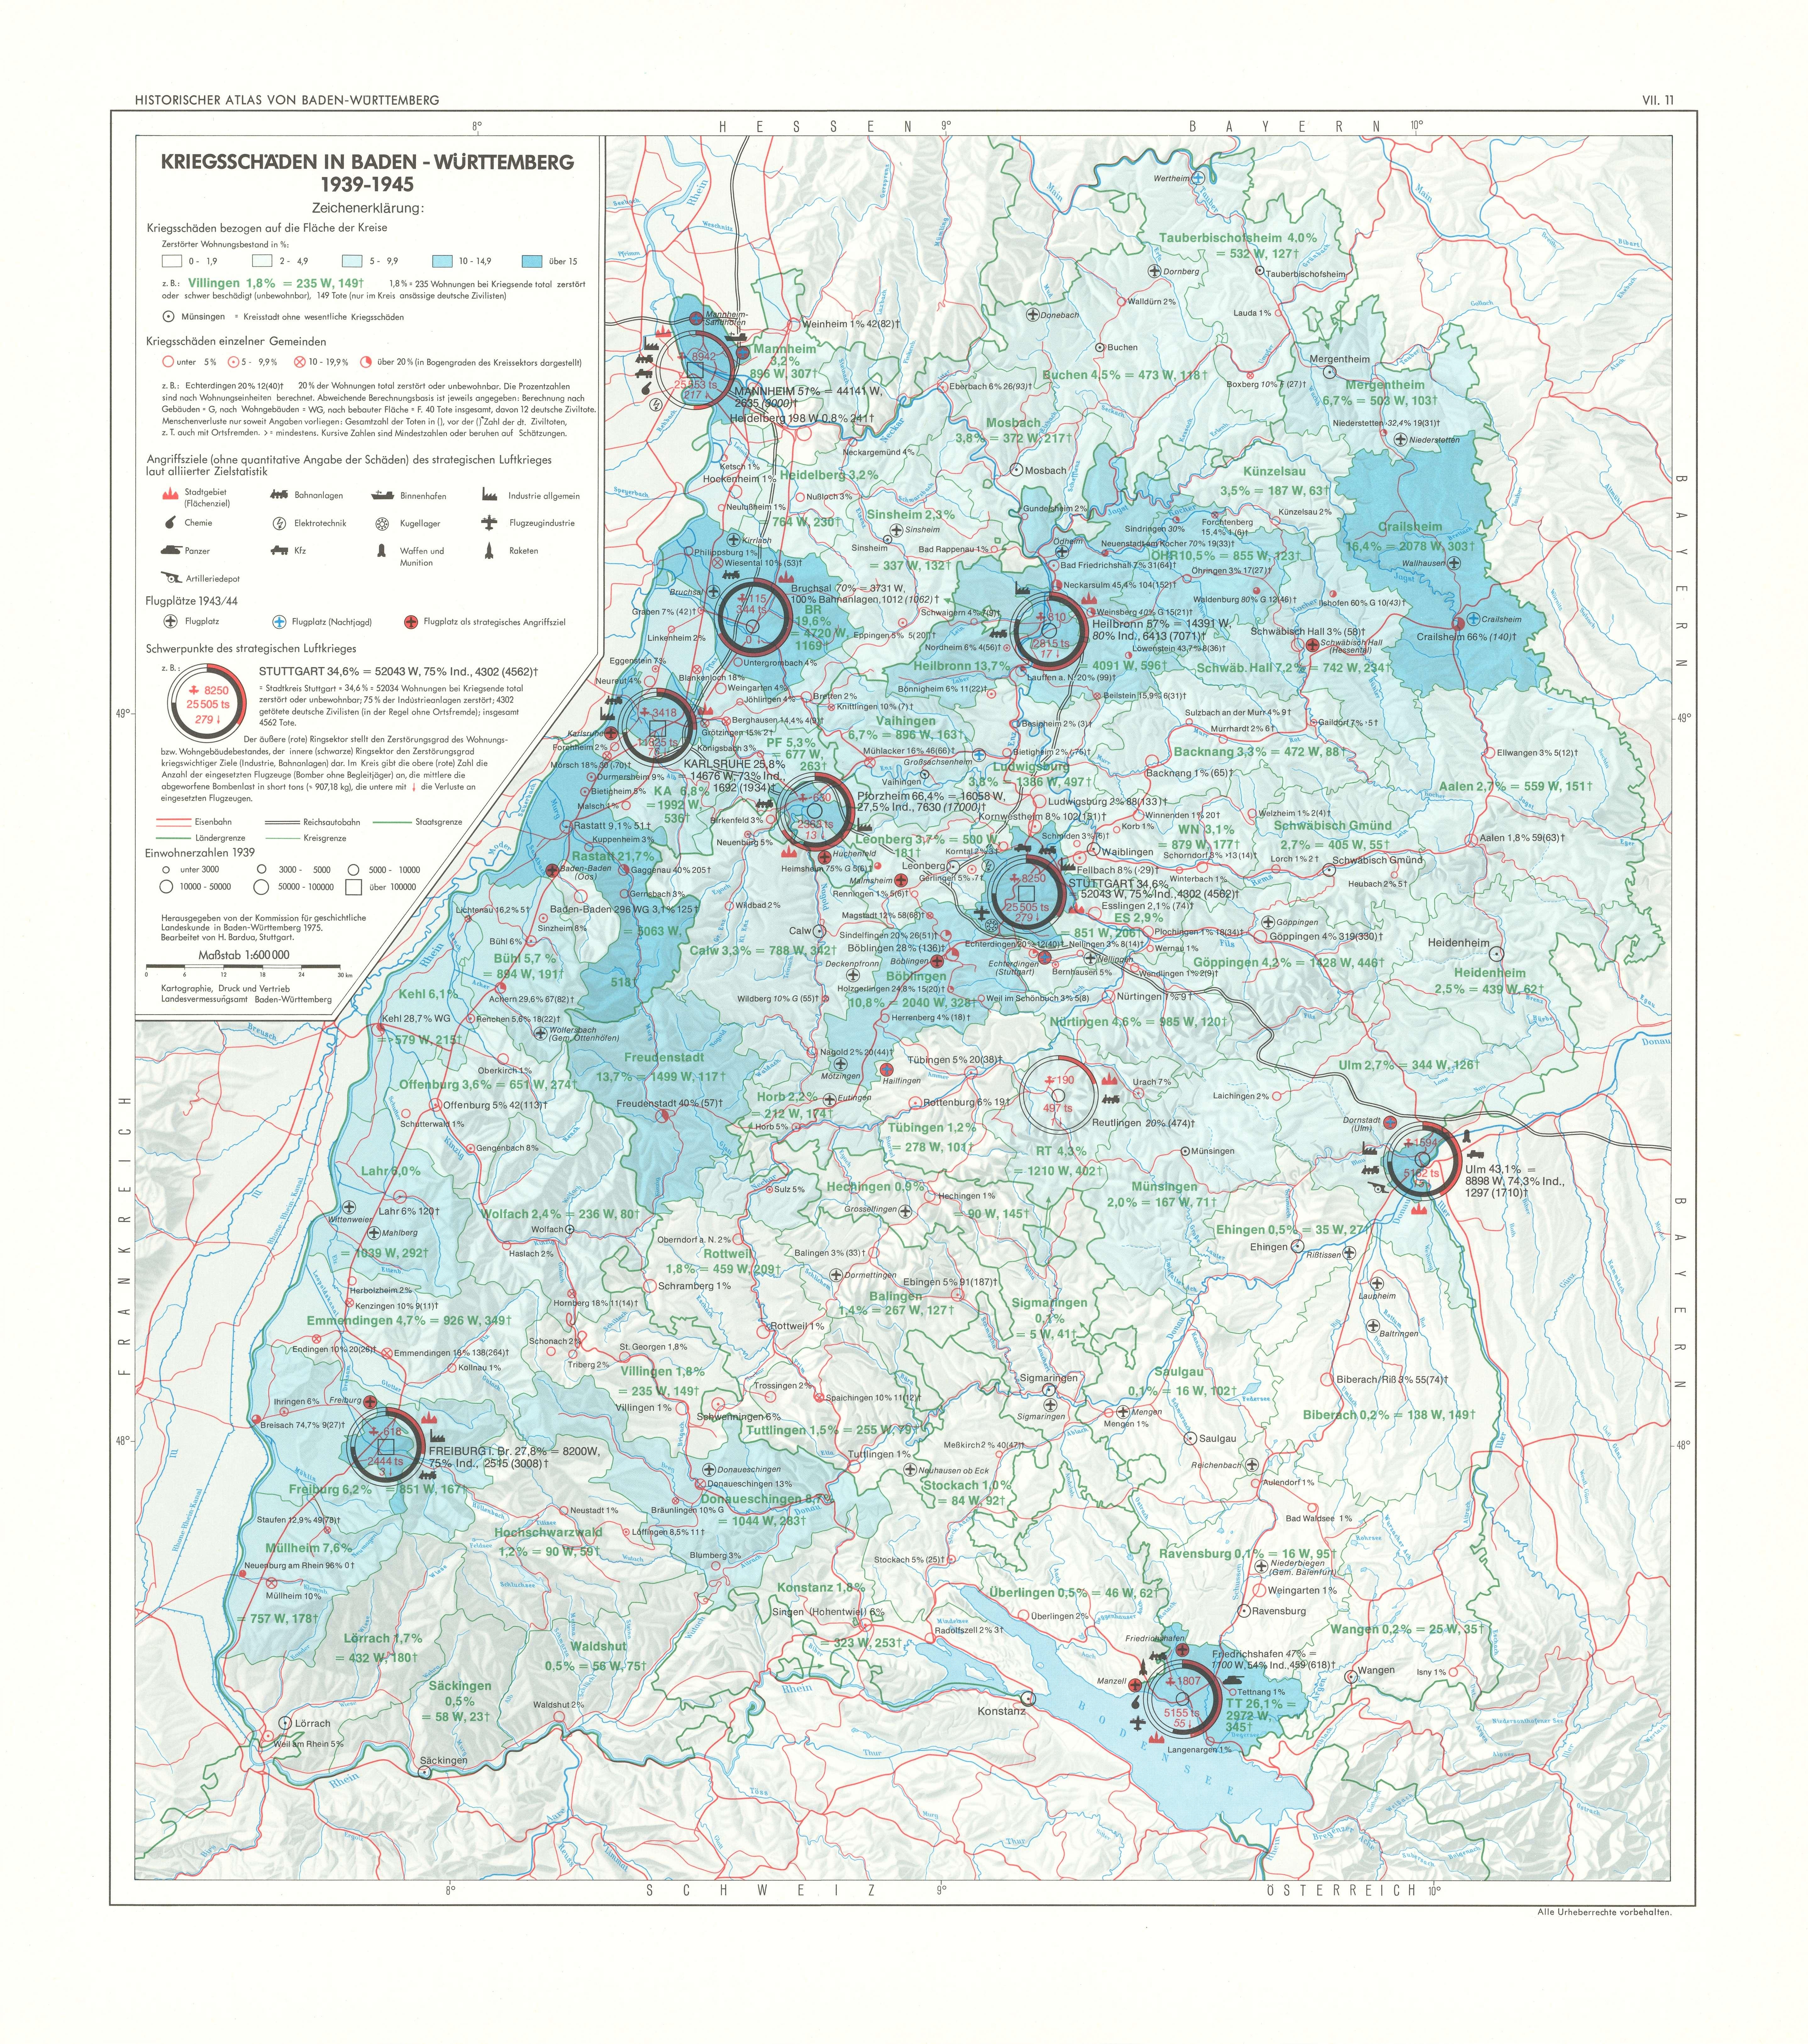 Schlachtfelder Des 2 Weltkriegs Karte.Kriegsschaden In Baden Wurttemberg 1939 1945 Detailseite